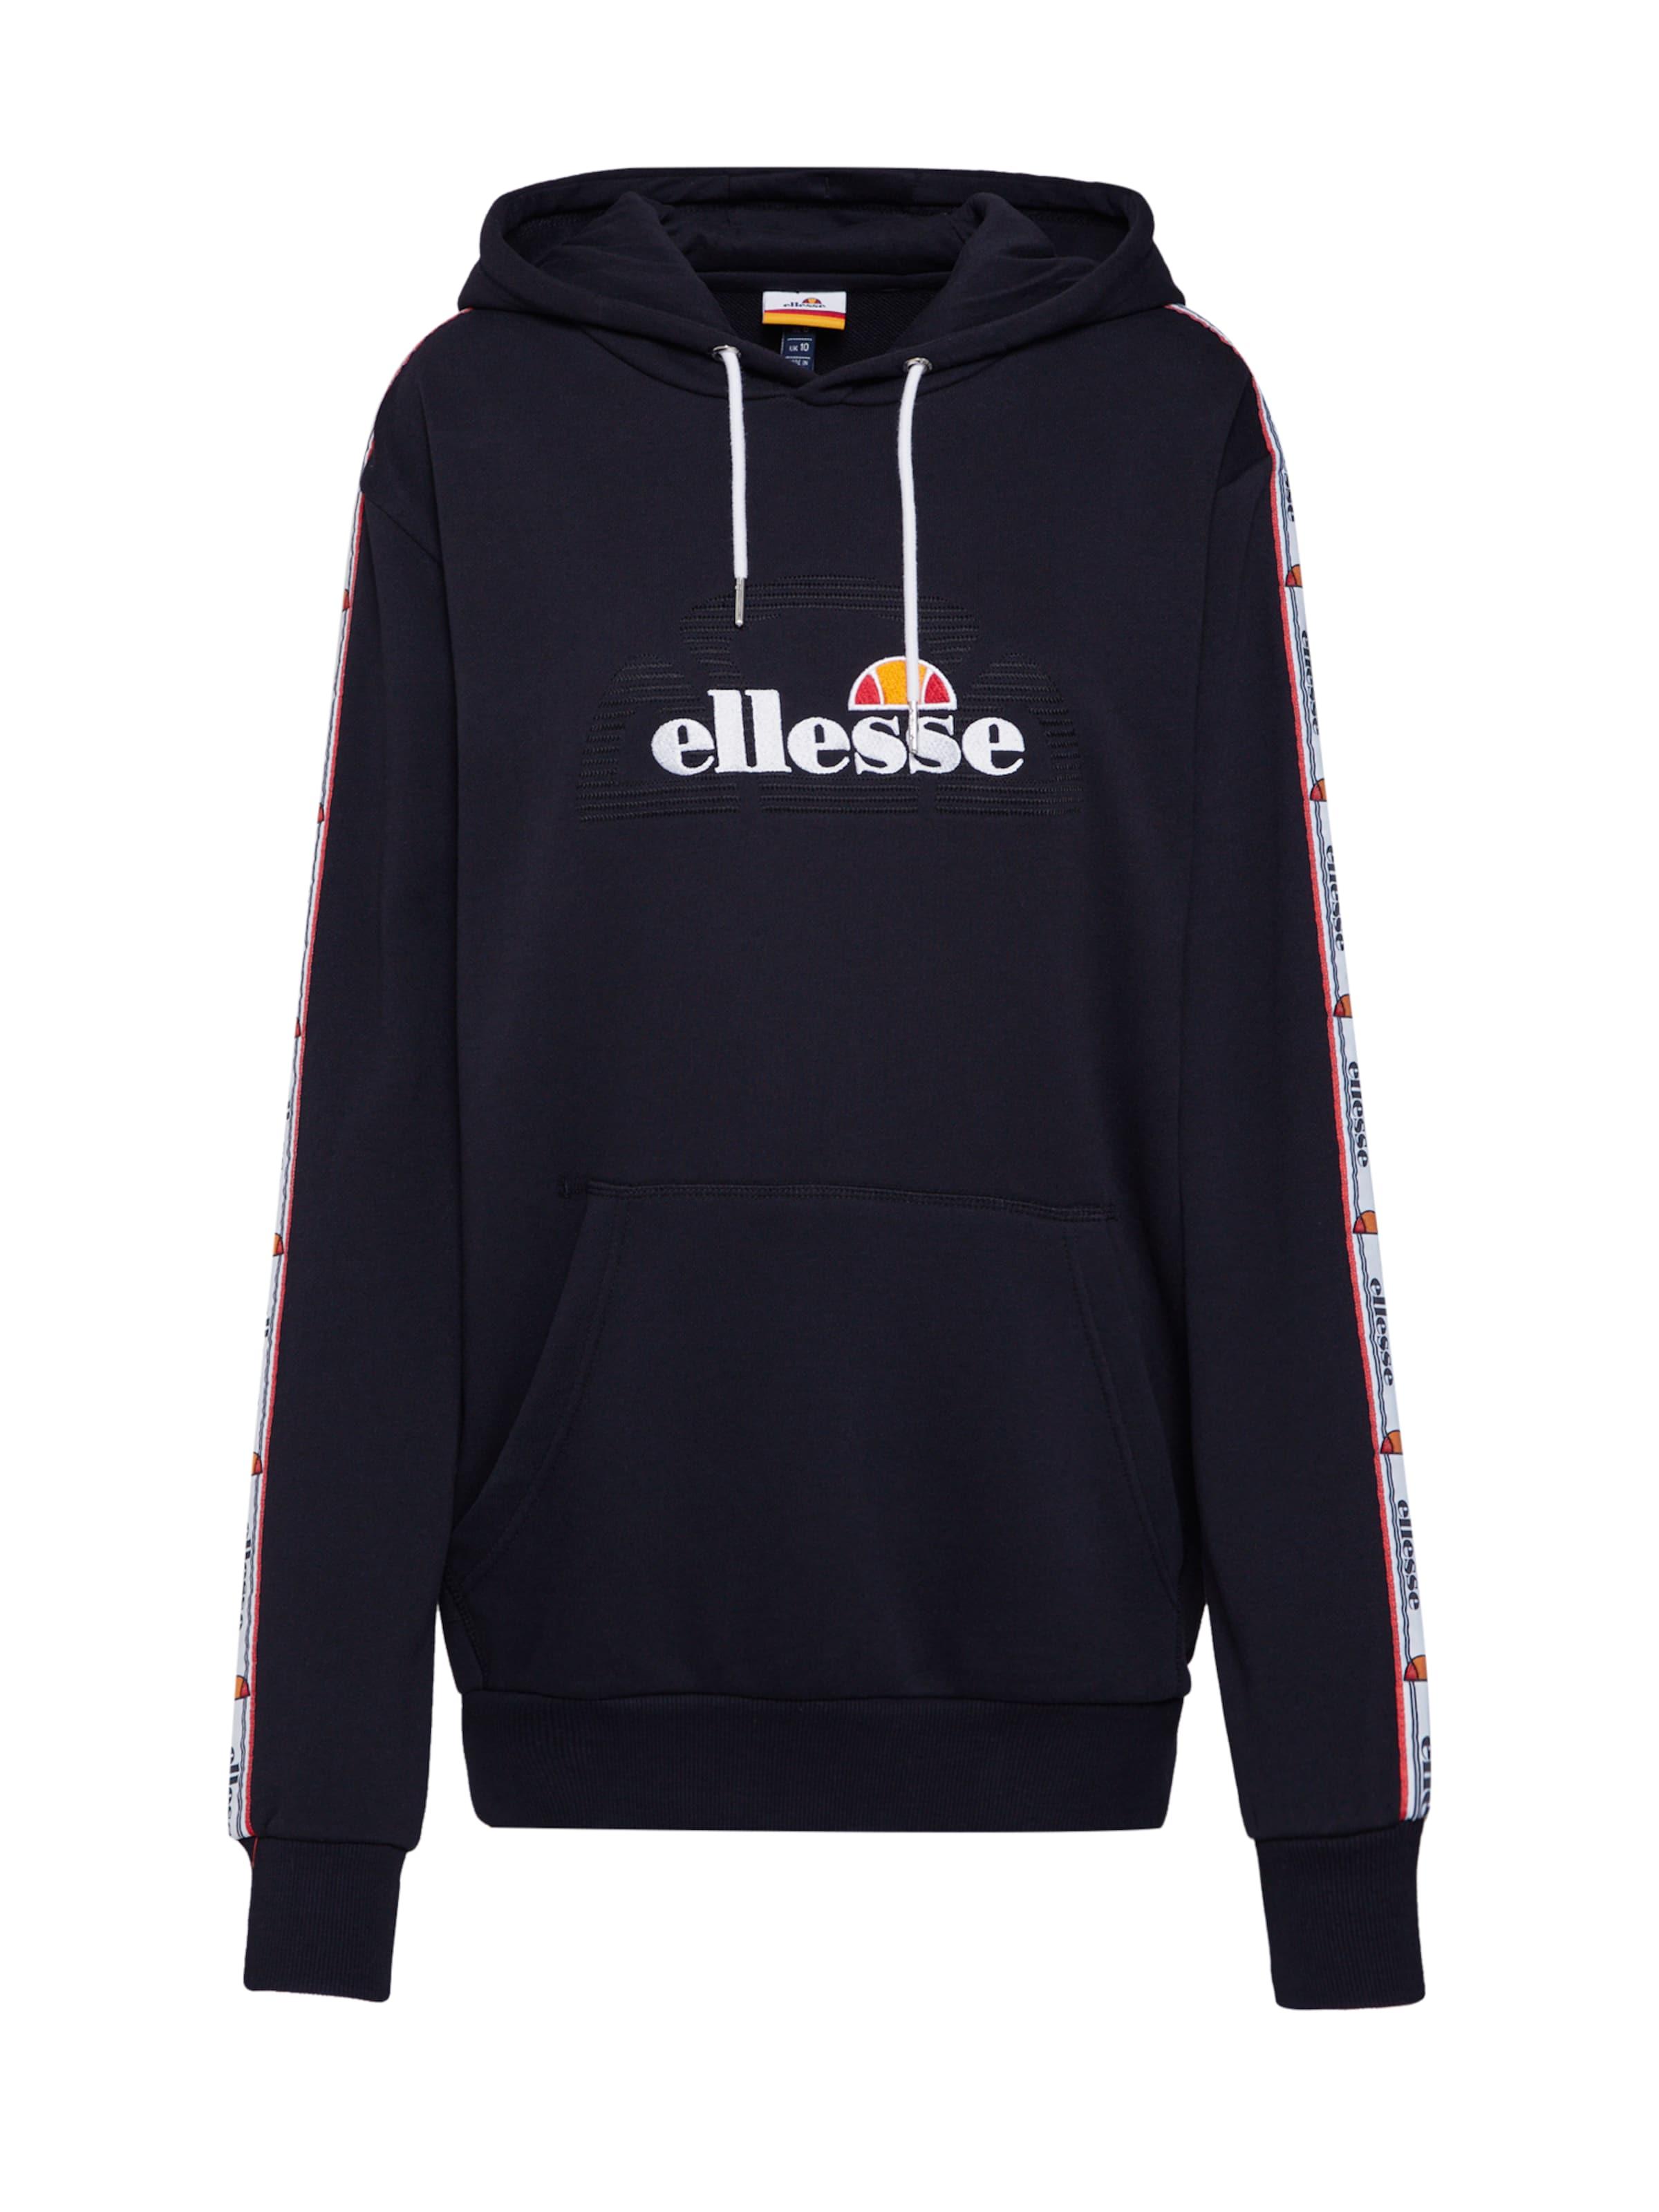 Ellesse 'marseille' Schwarz Ellesse In Sweatshirt Schwarz Sweatshirt In Ellesse 'marseille' 6gY7yvfb